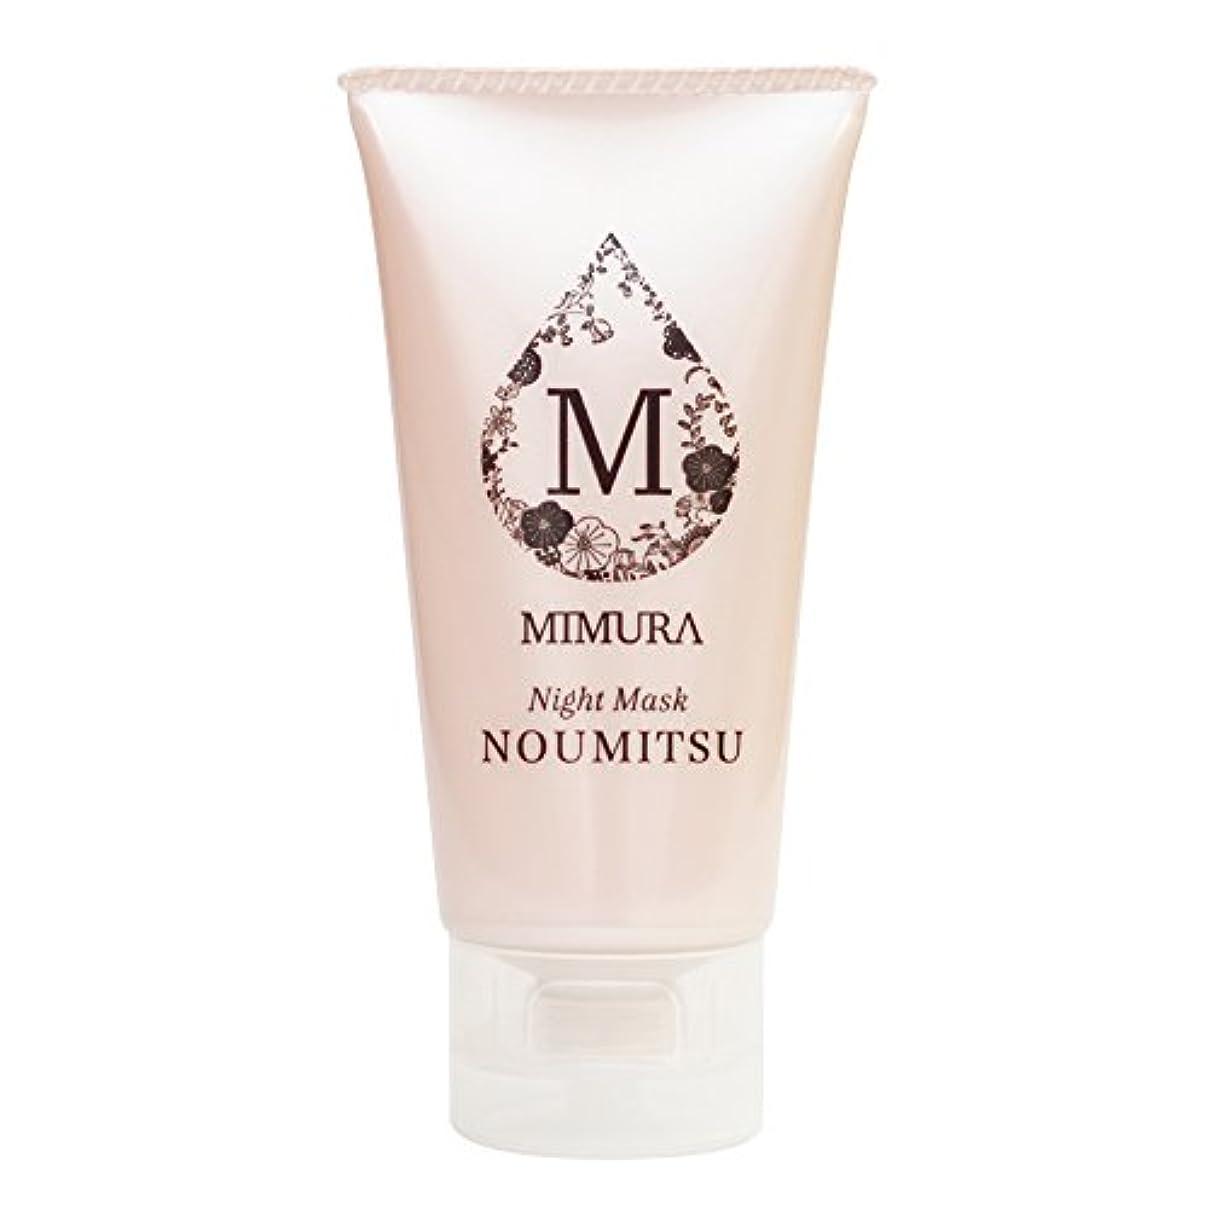 征服者したがって錆び夜用 ナイトパック アスタキサンチン ミムラ ナイトマスク NOUMITSU (保湿クリーム) 48g 日本製 mimura